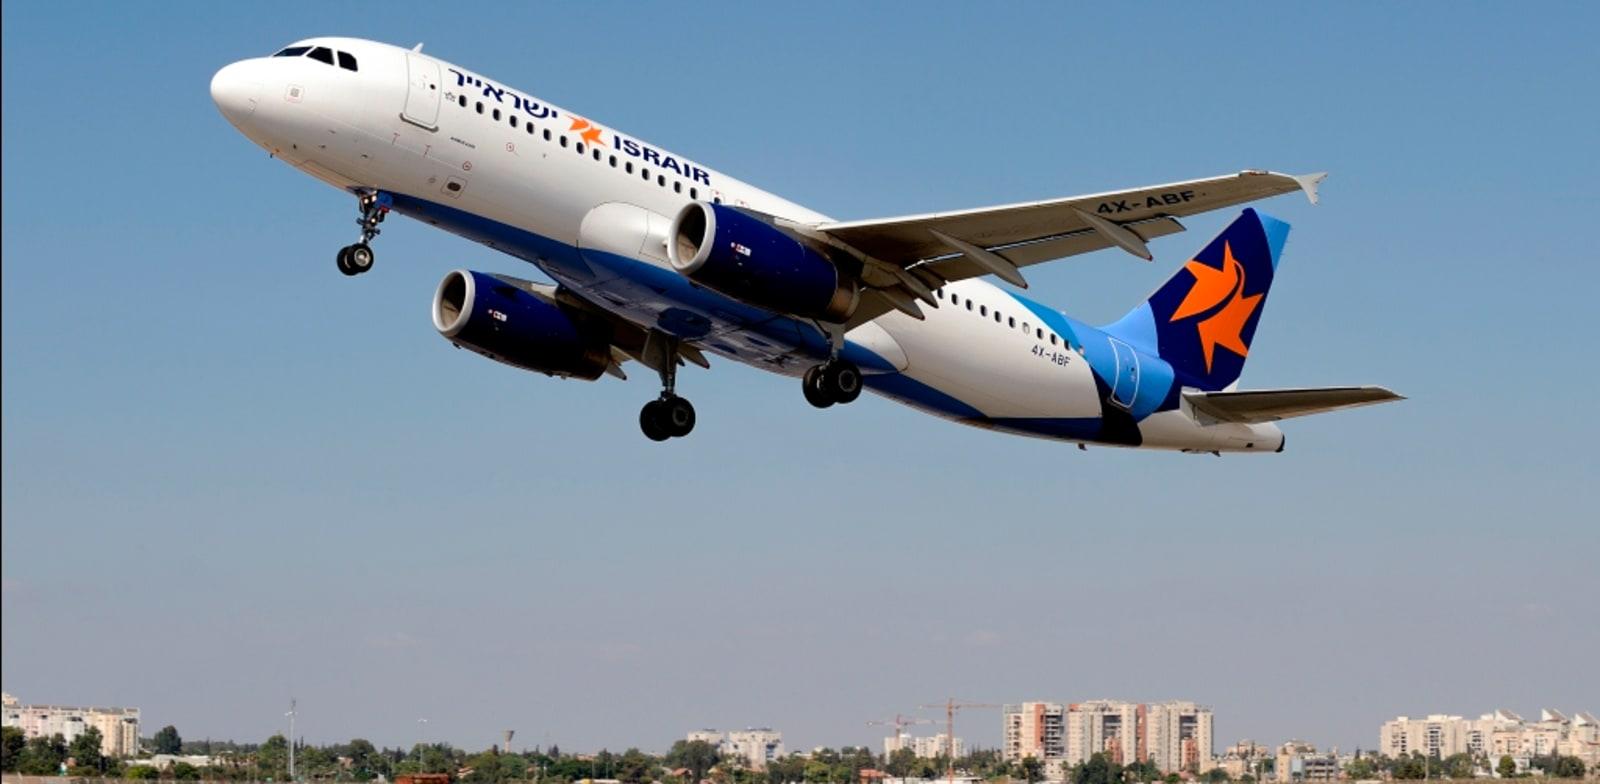 מטוס ישראייר. הטיסות יעברו לחבילות שיוצעו ביום ראשון / צילום: מוני שפיר